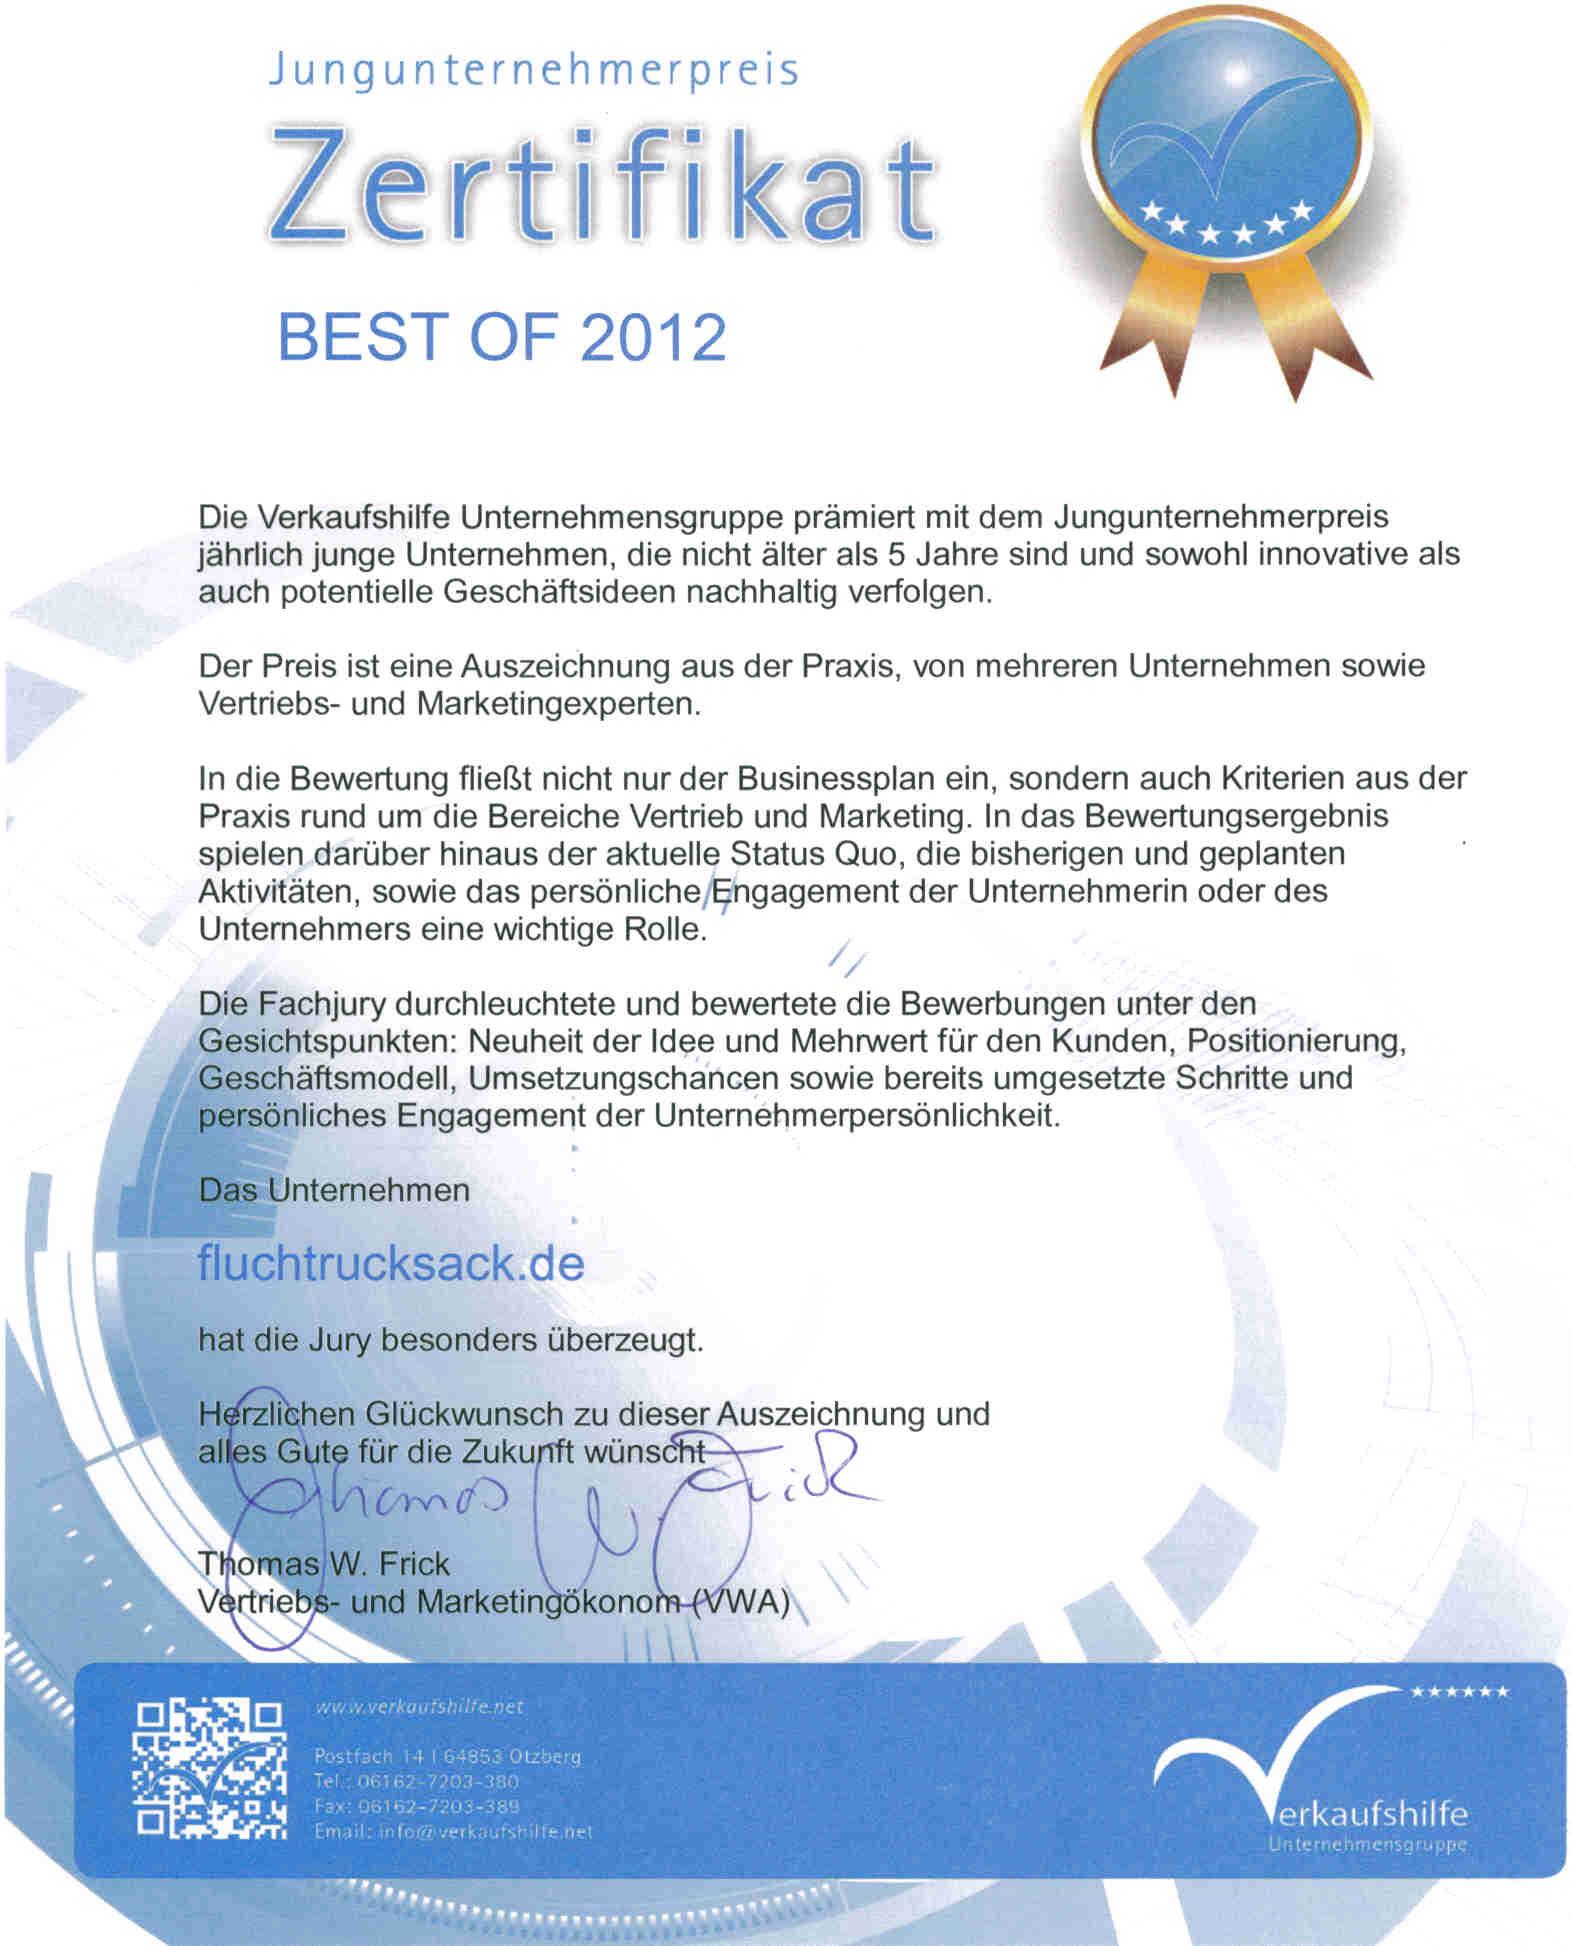 Jungunternehmerpreis 2012